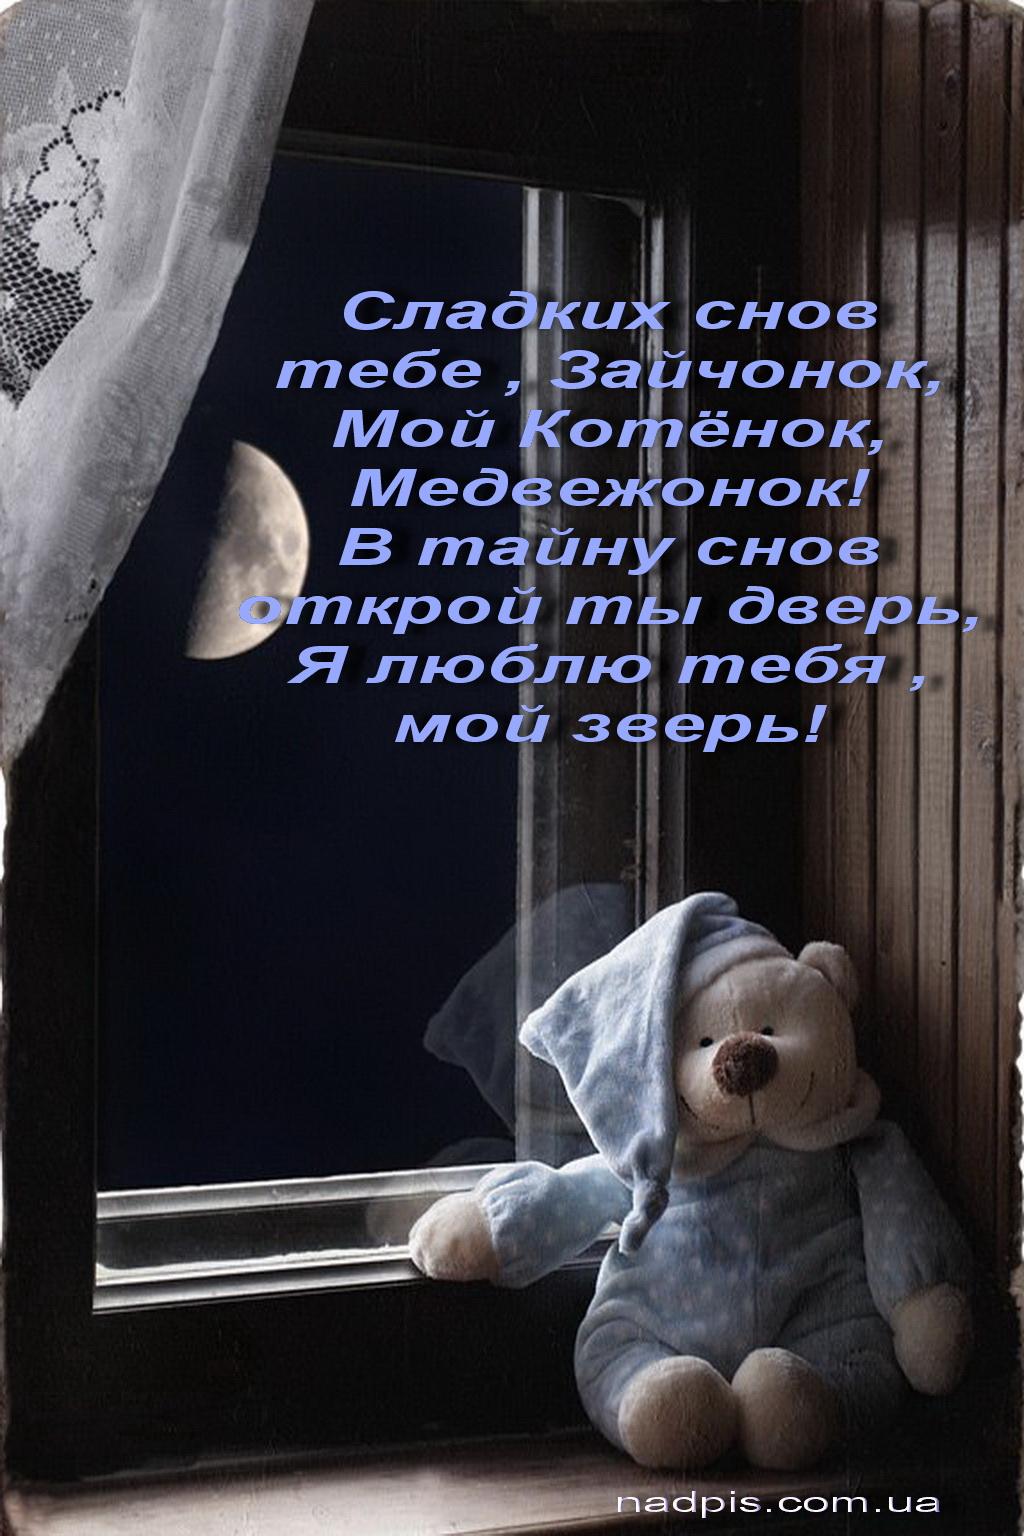 пожелание сладких снов в картинках